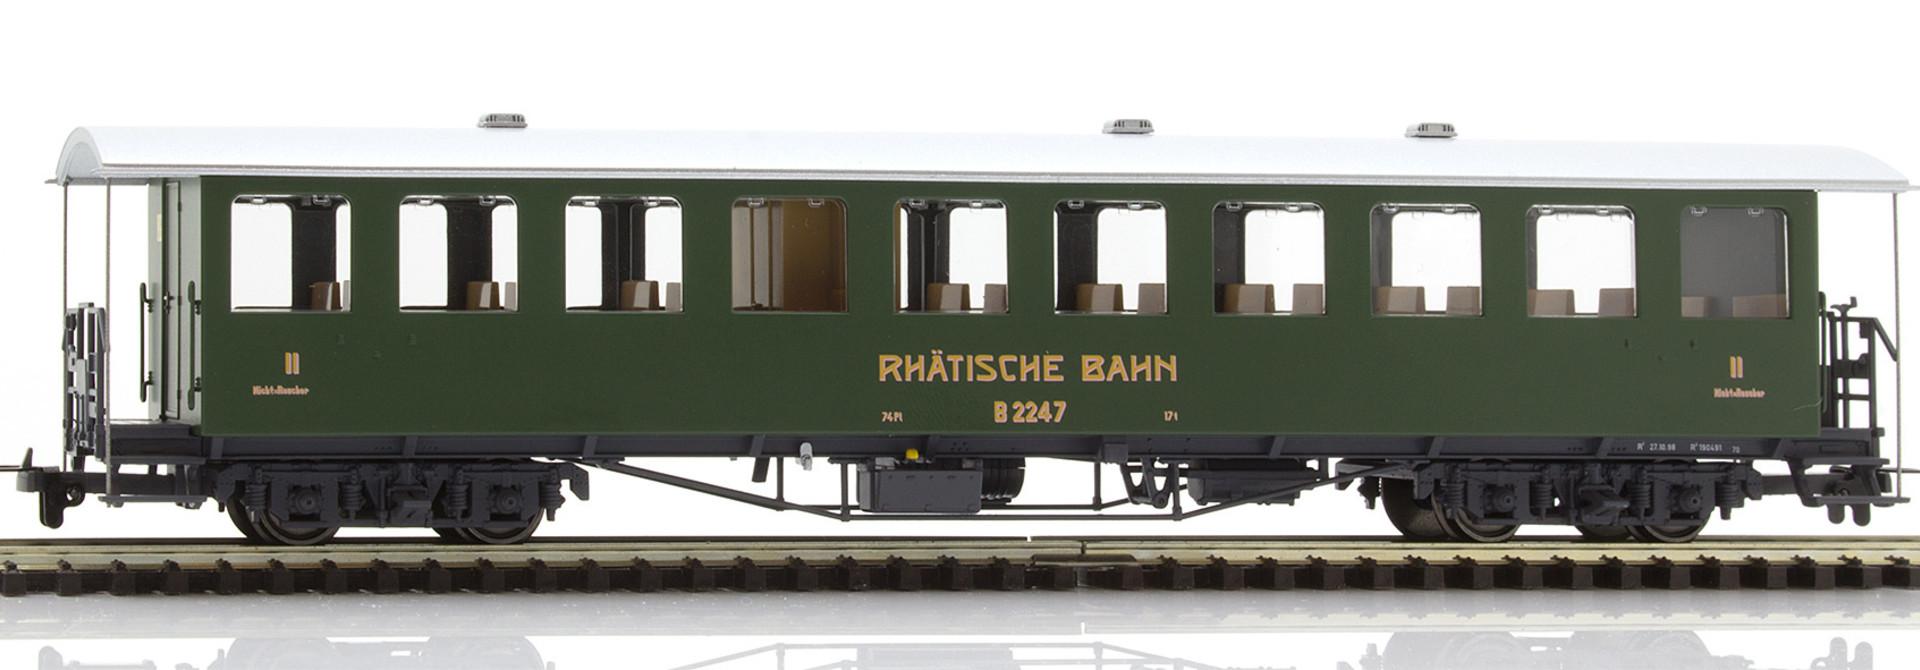 3235147 RhB B 2247 Nostalgie-Plattformwagen